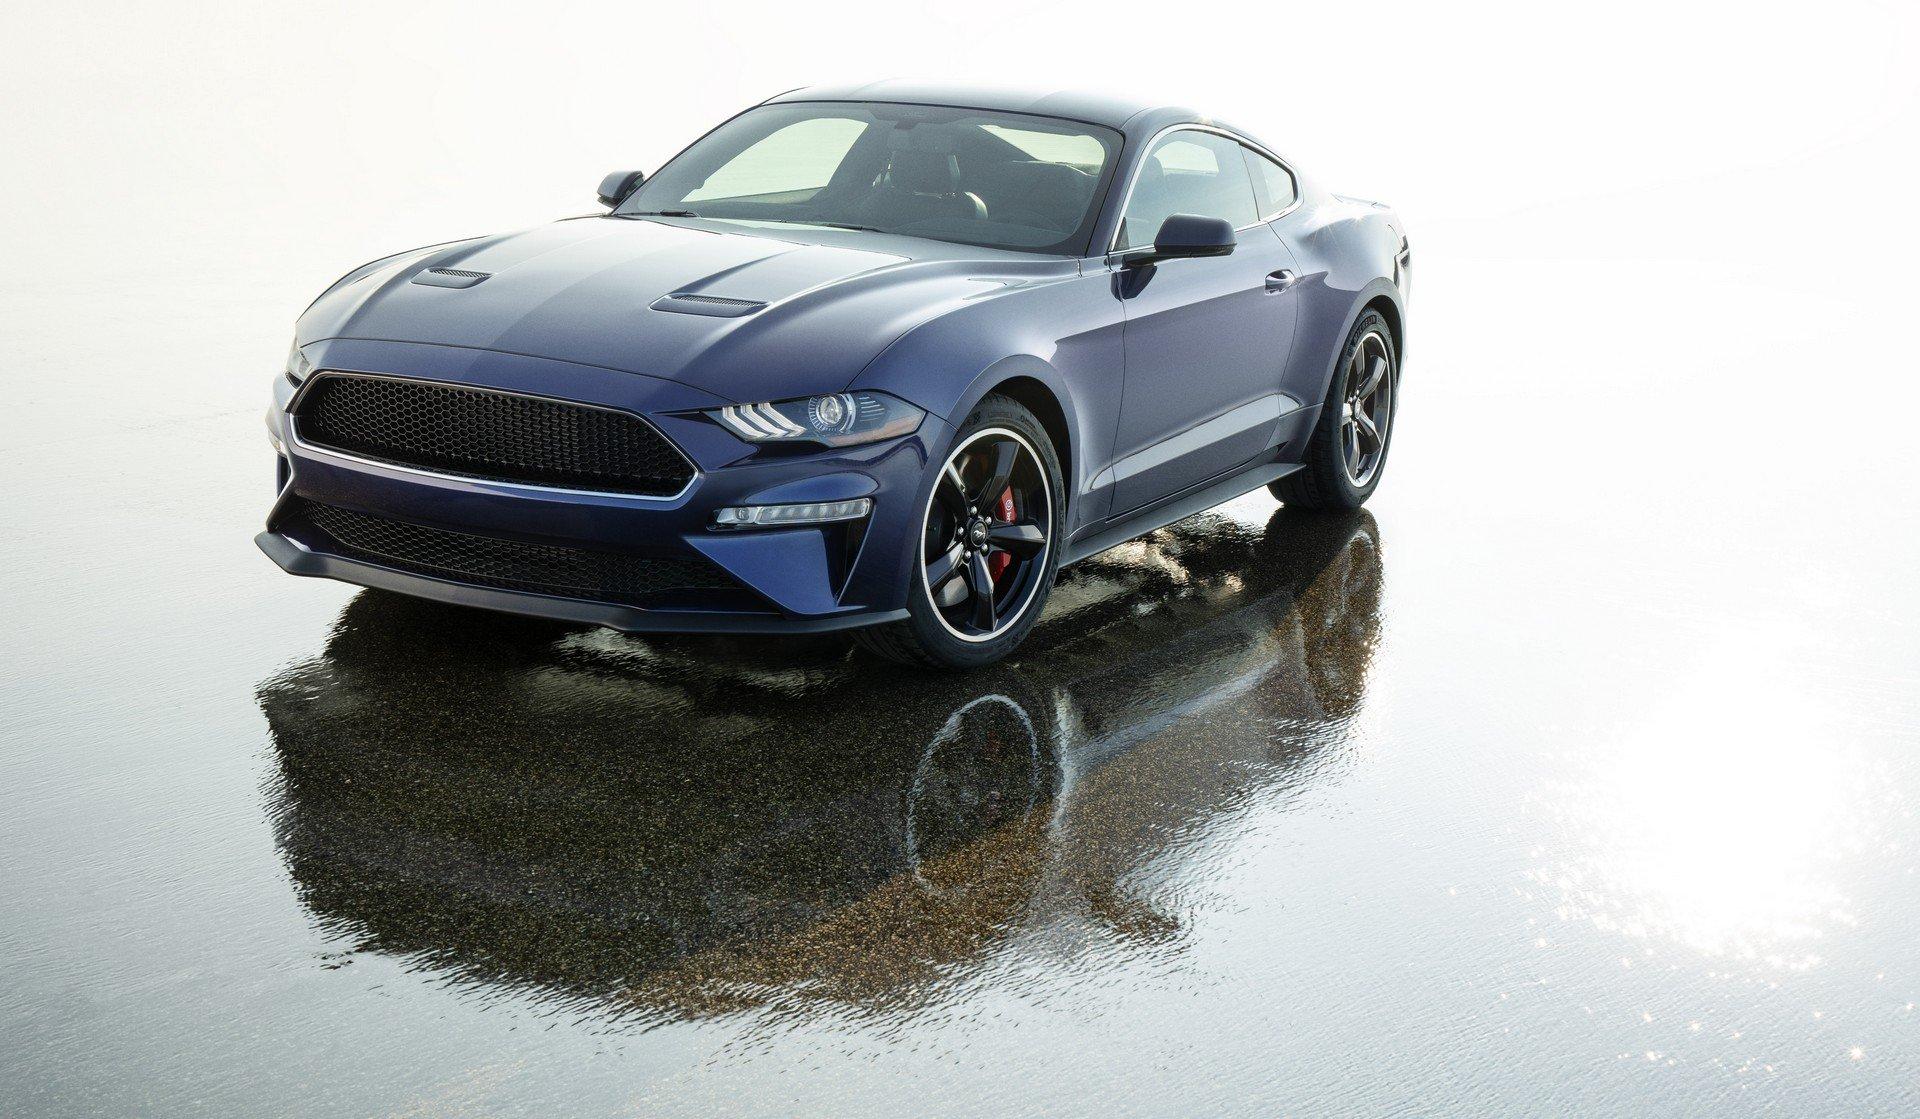 Kona Blue Mustang >> Mustang Bullitt In Kona Blue Is A Beautiful One Off